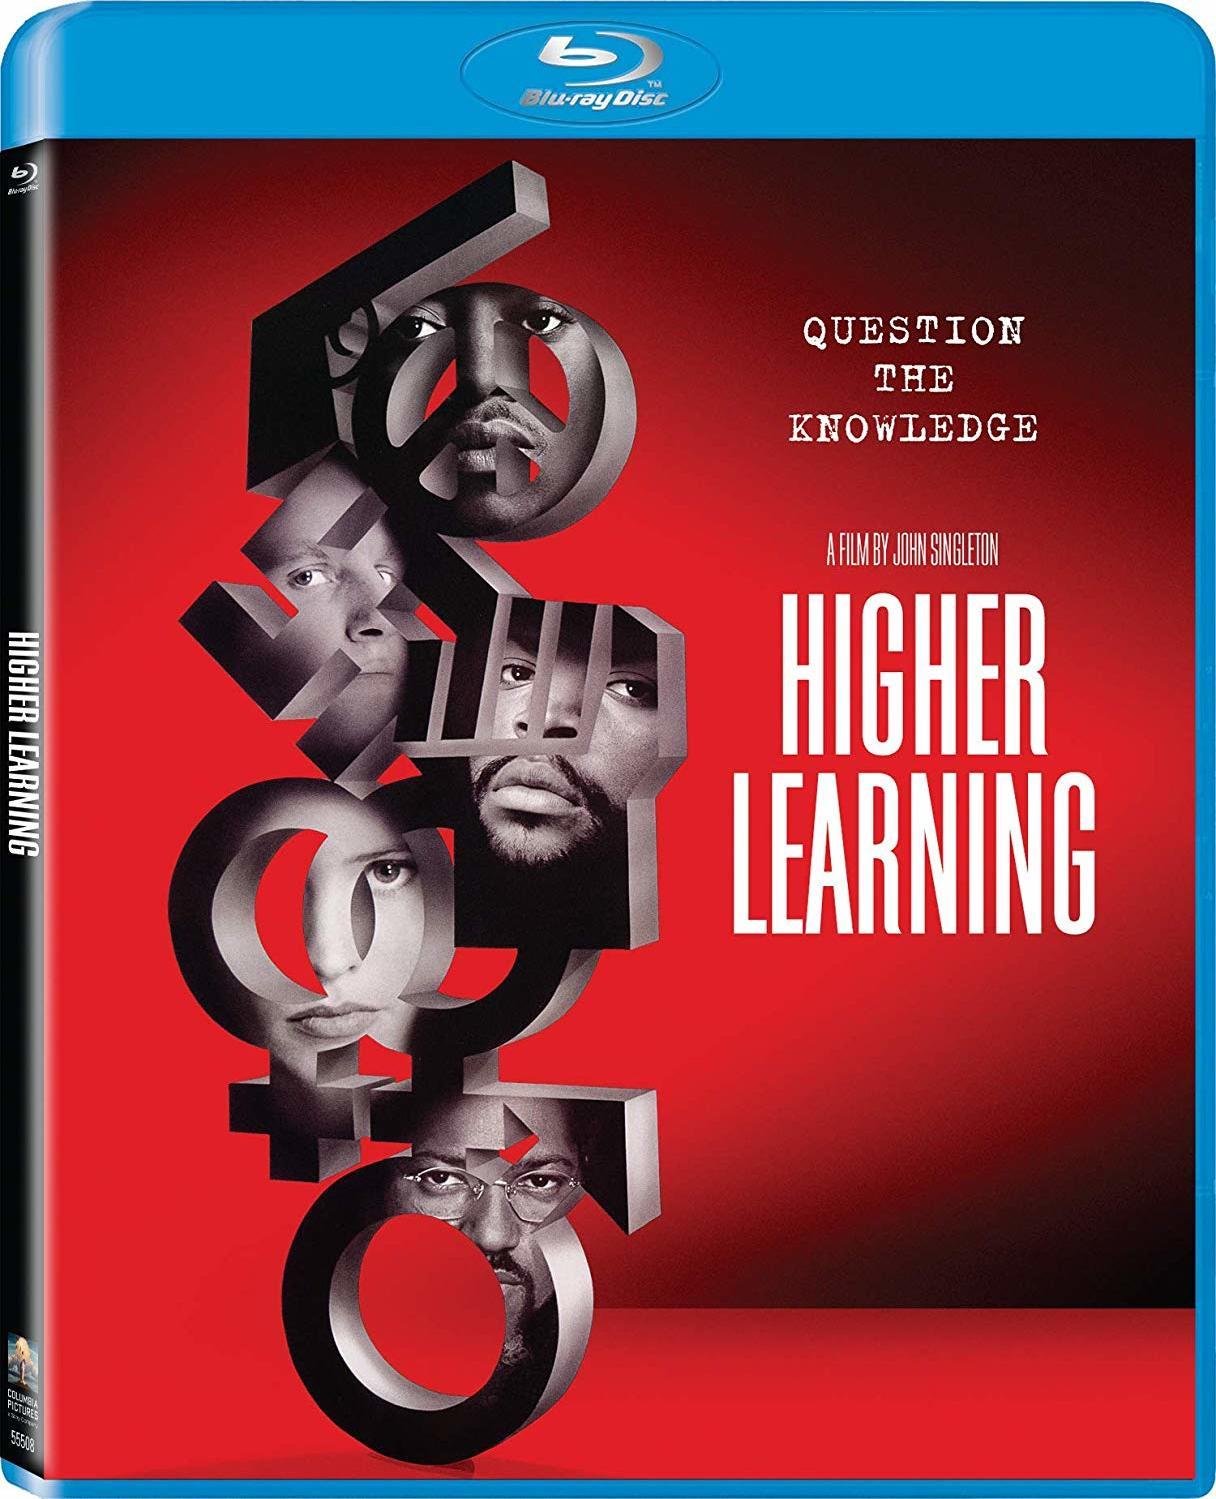 Higher Learning (Blu-ray)(Region A)(Pre-order / Feb 12)